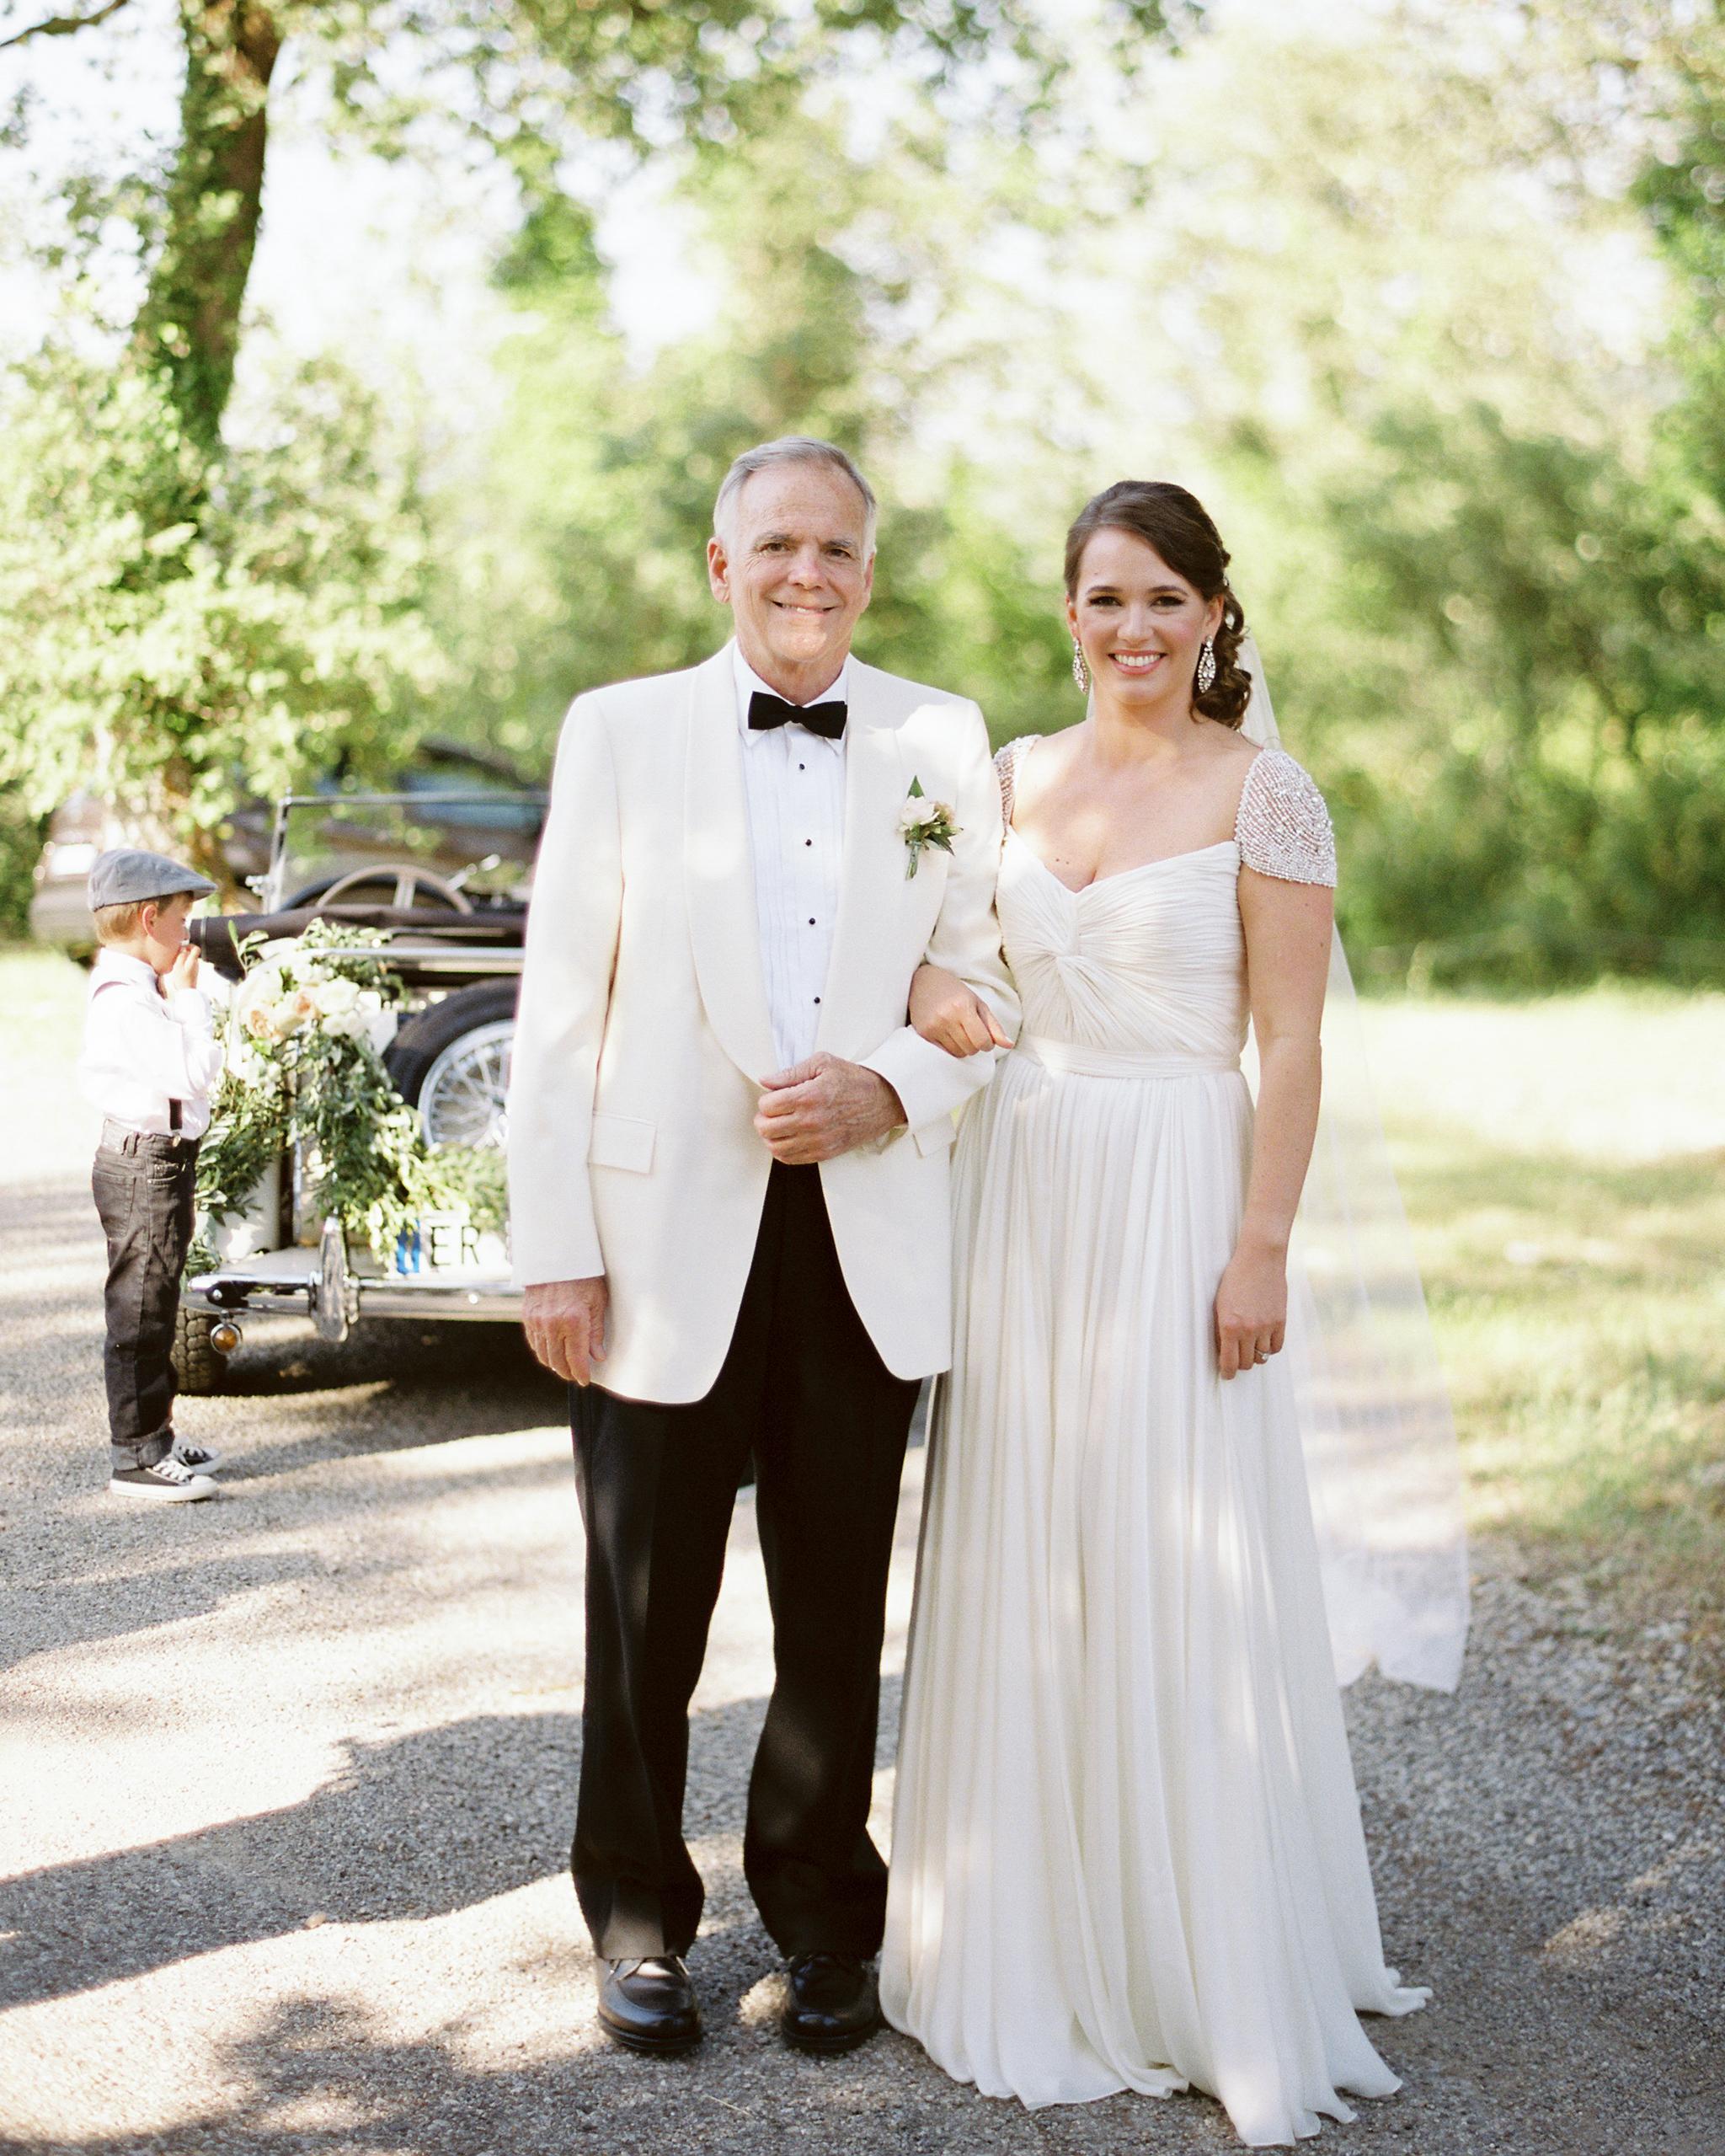 lauren-ollie-wedding-dad-217-s111895-0515.jpg